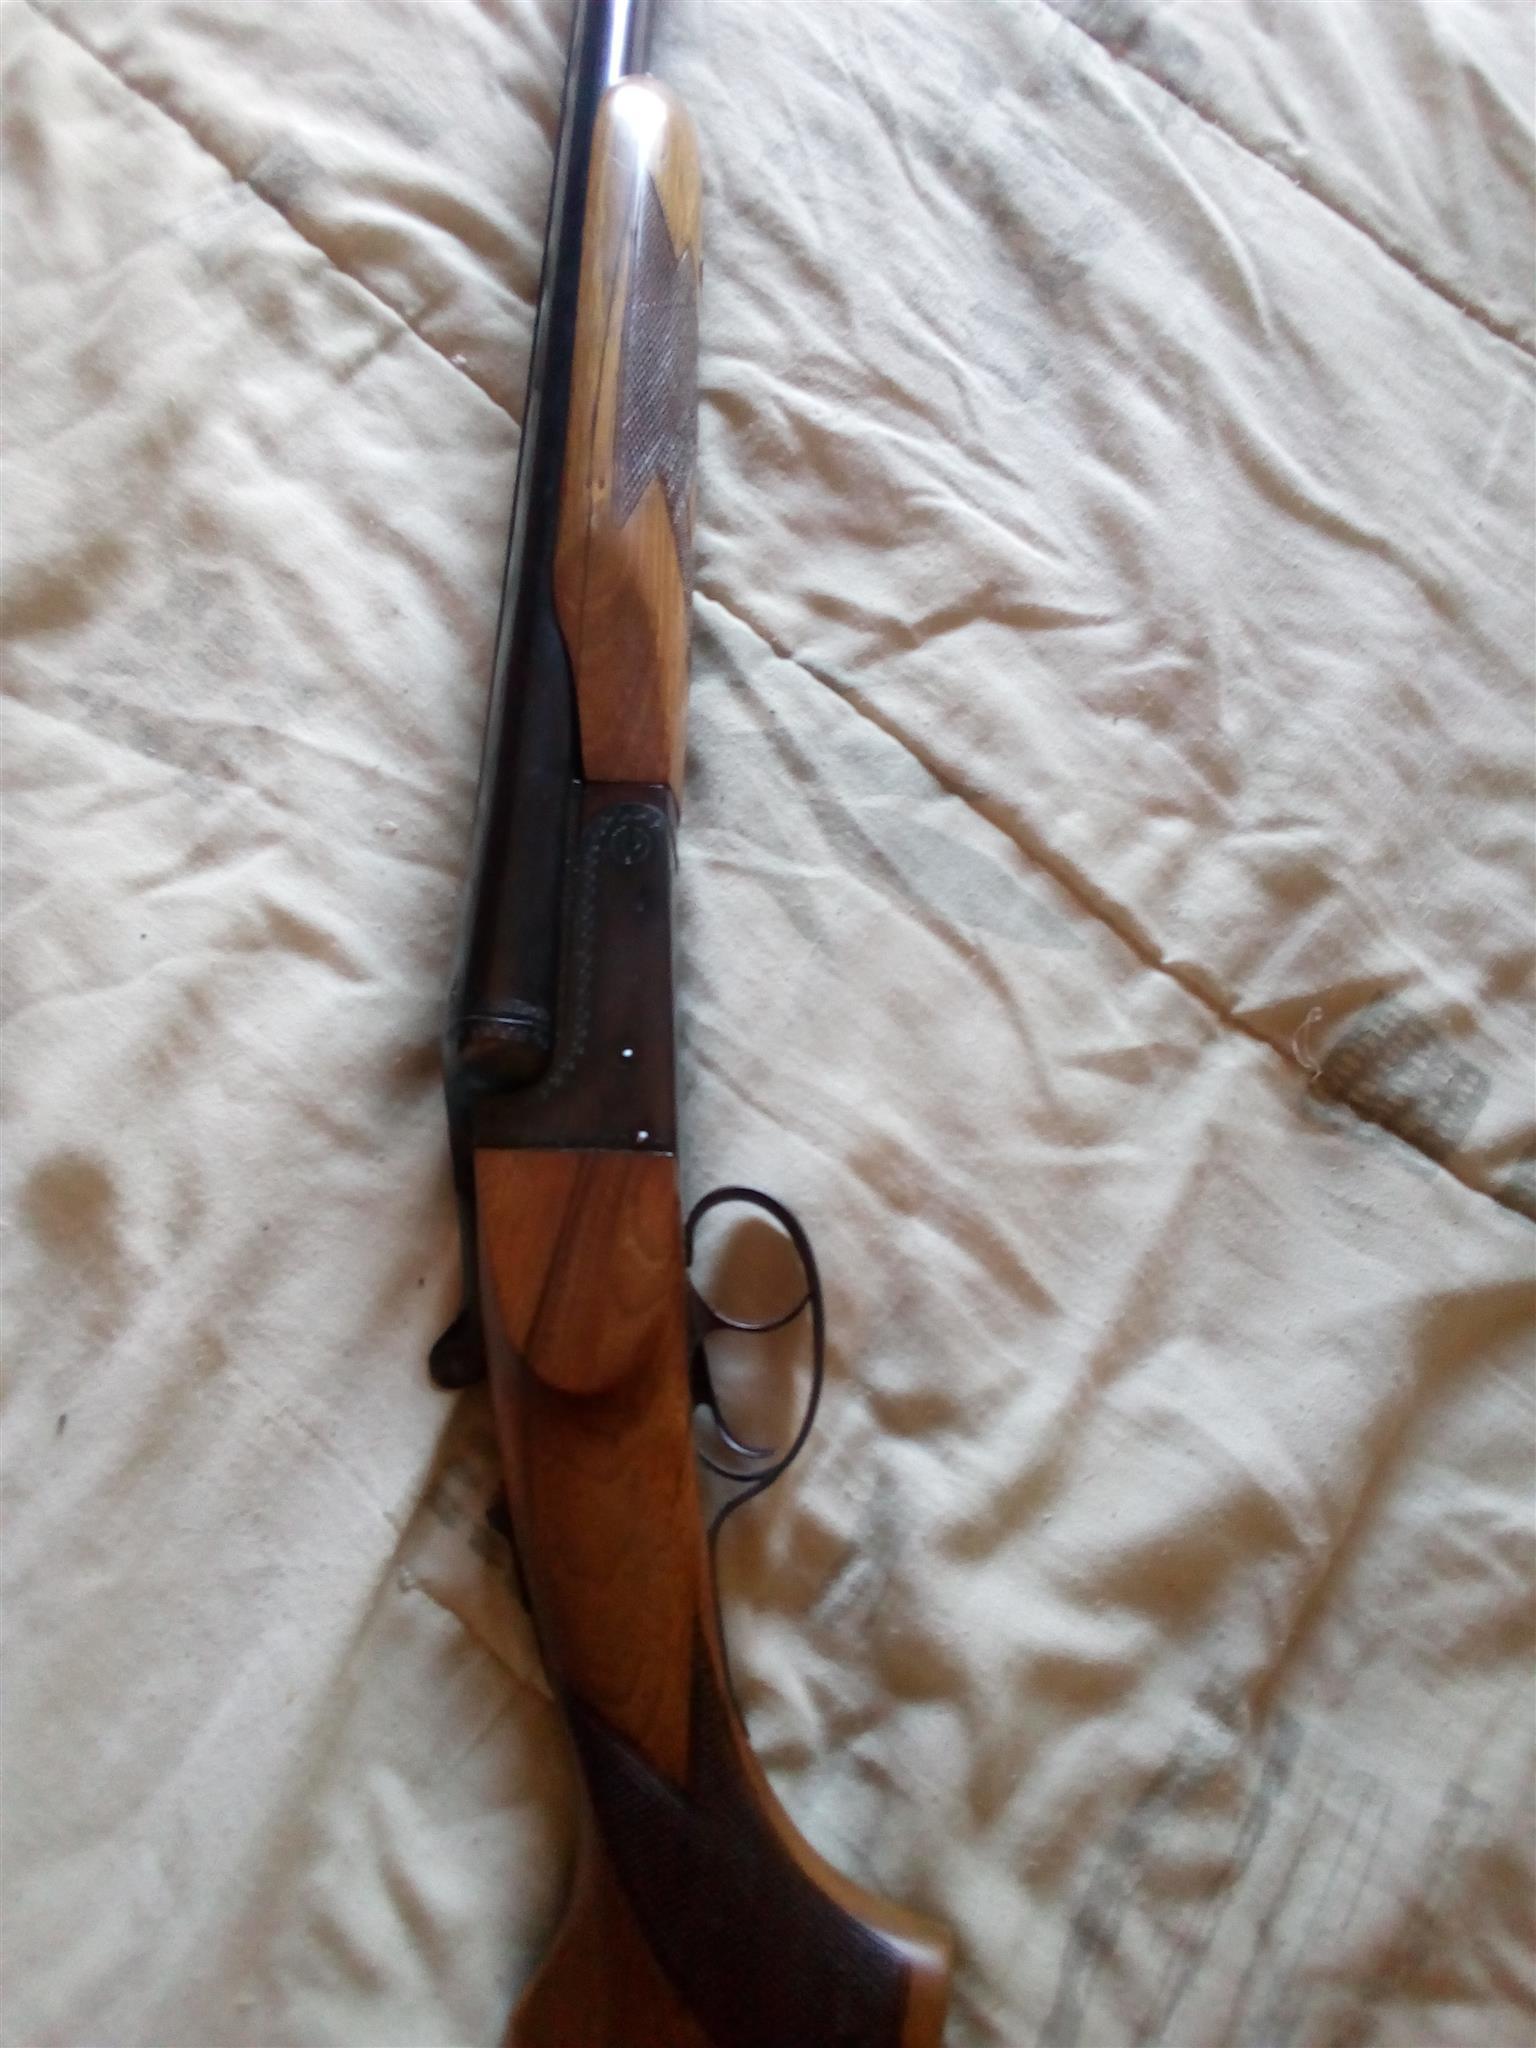 Zabala side by side shotgun